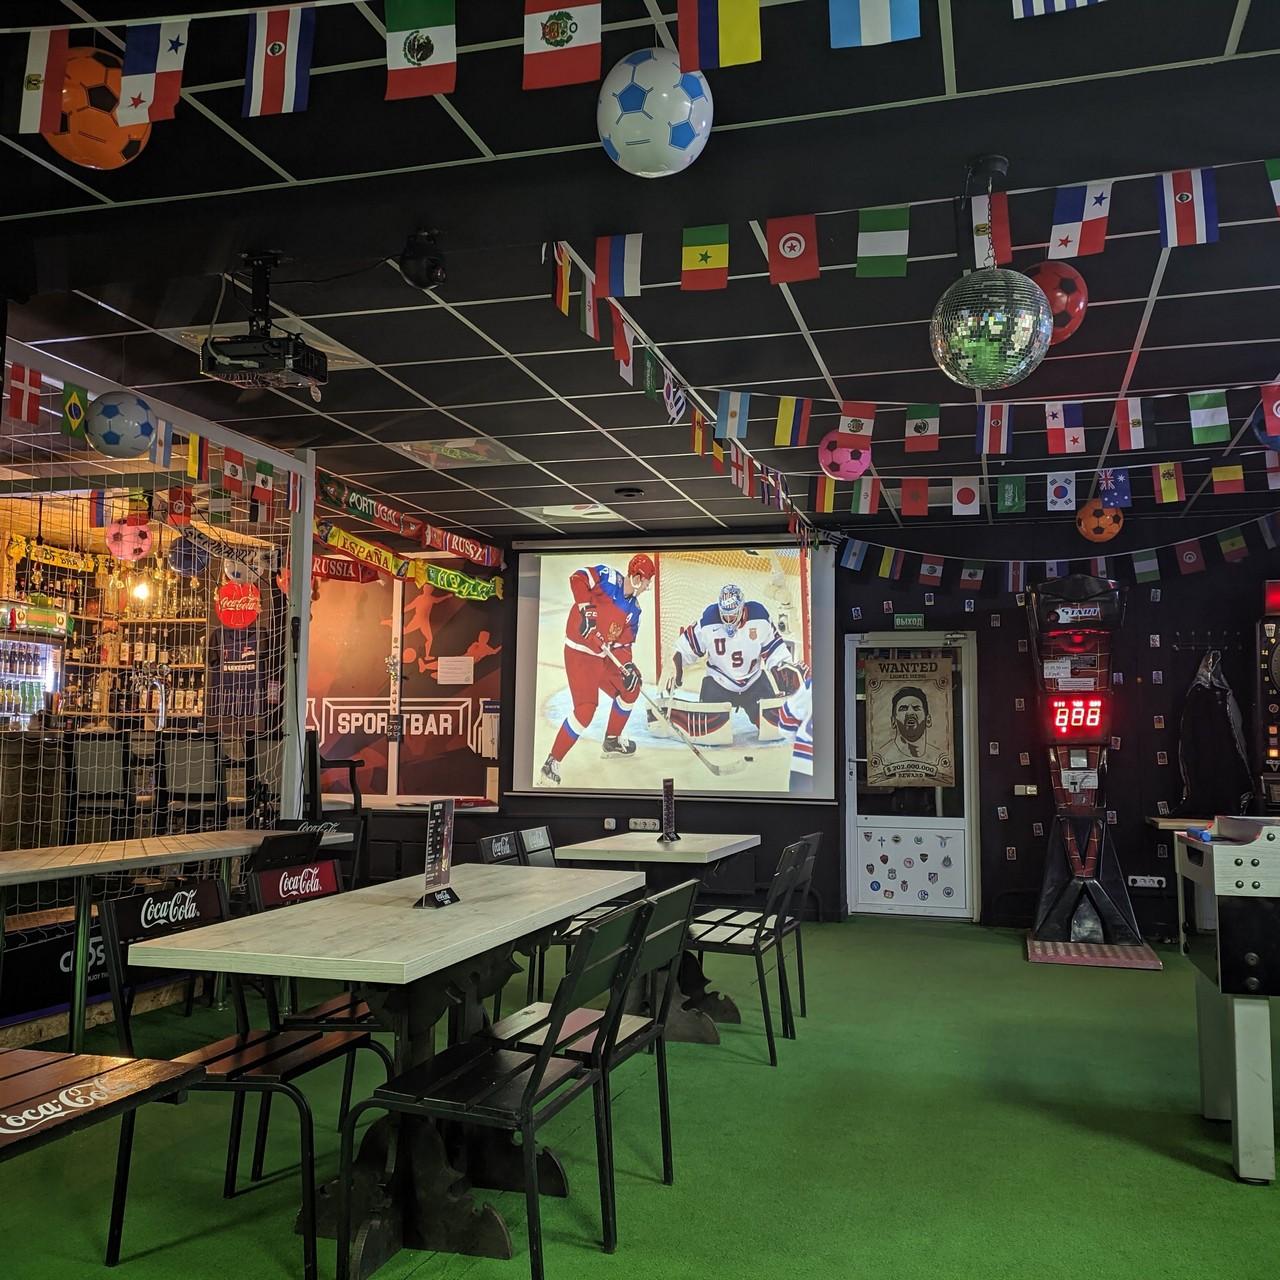 трансляция хоккея в баре сегодня_crossbar_minsk